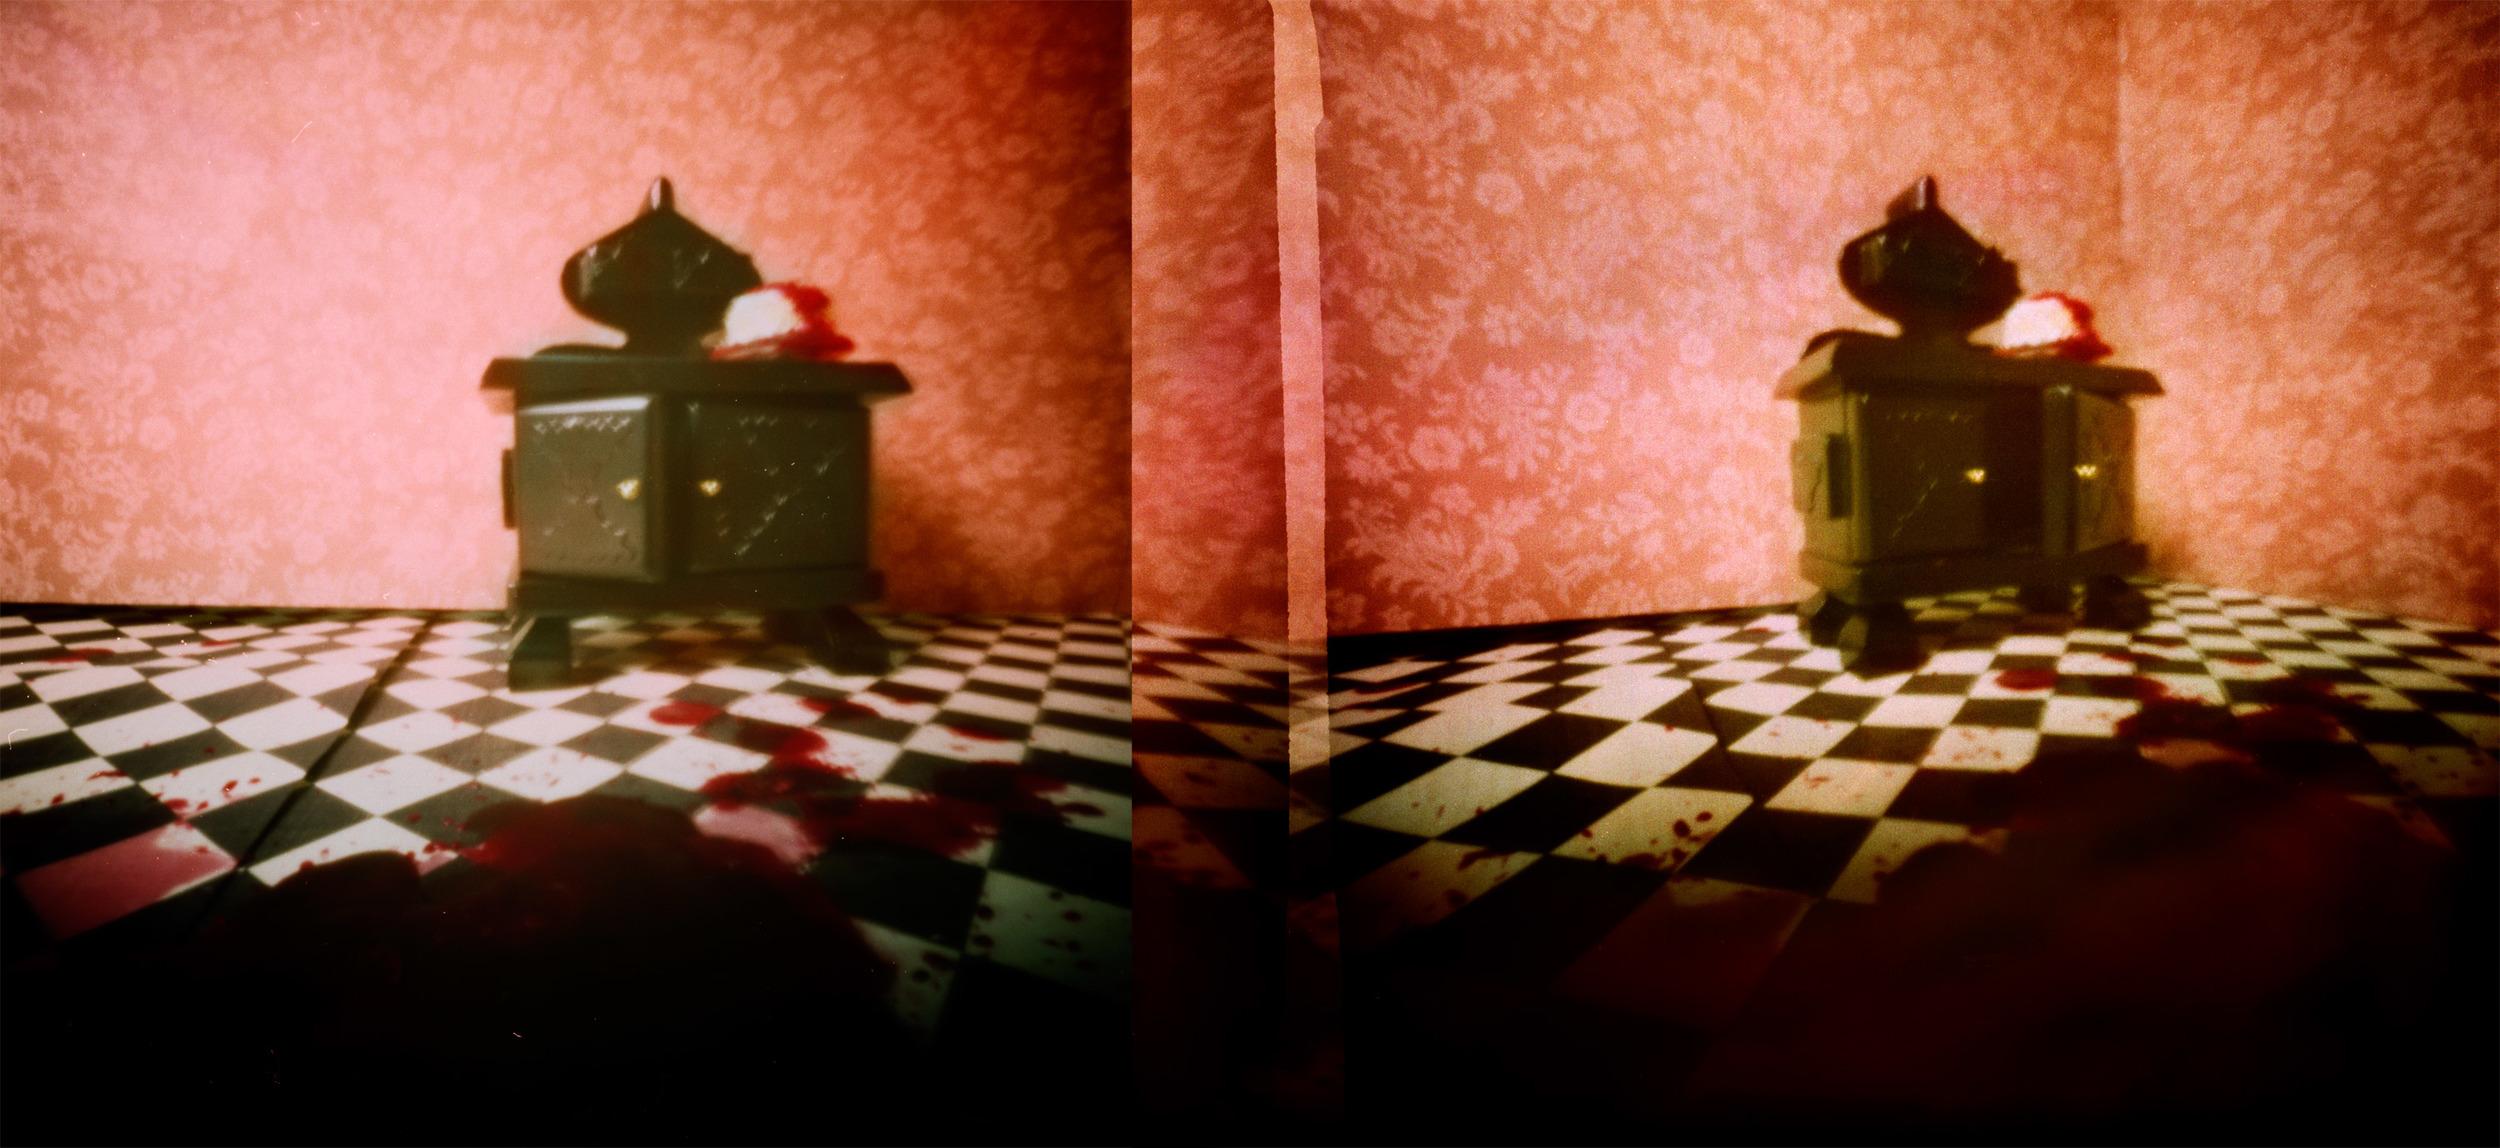 fairytalediptych1.jpg